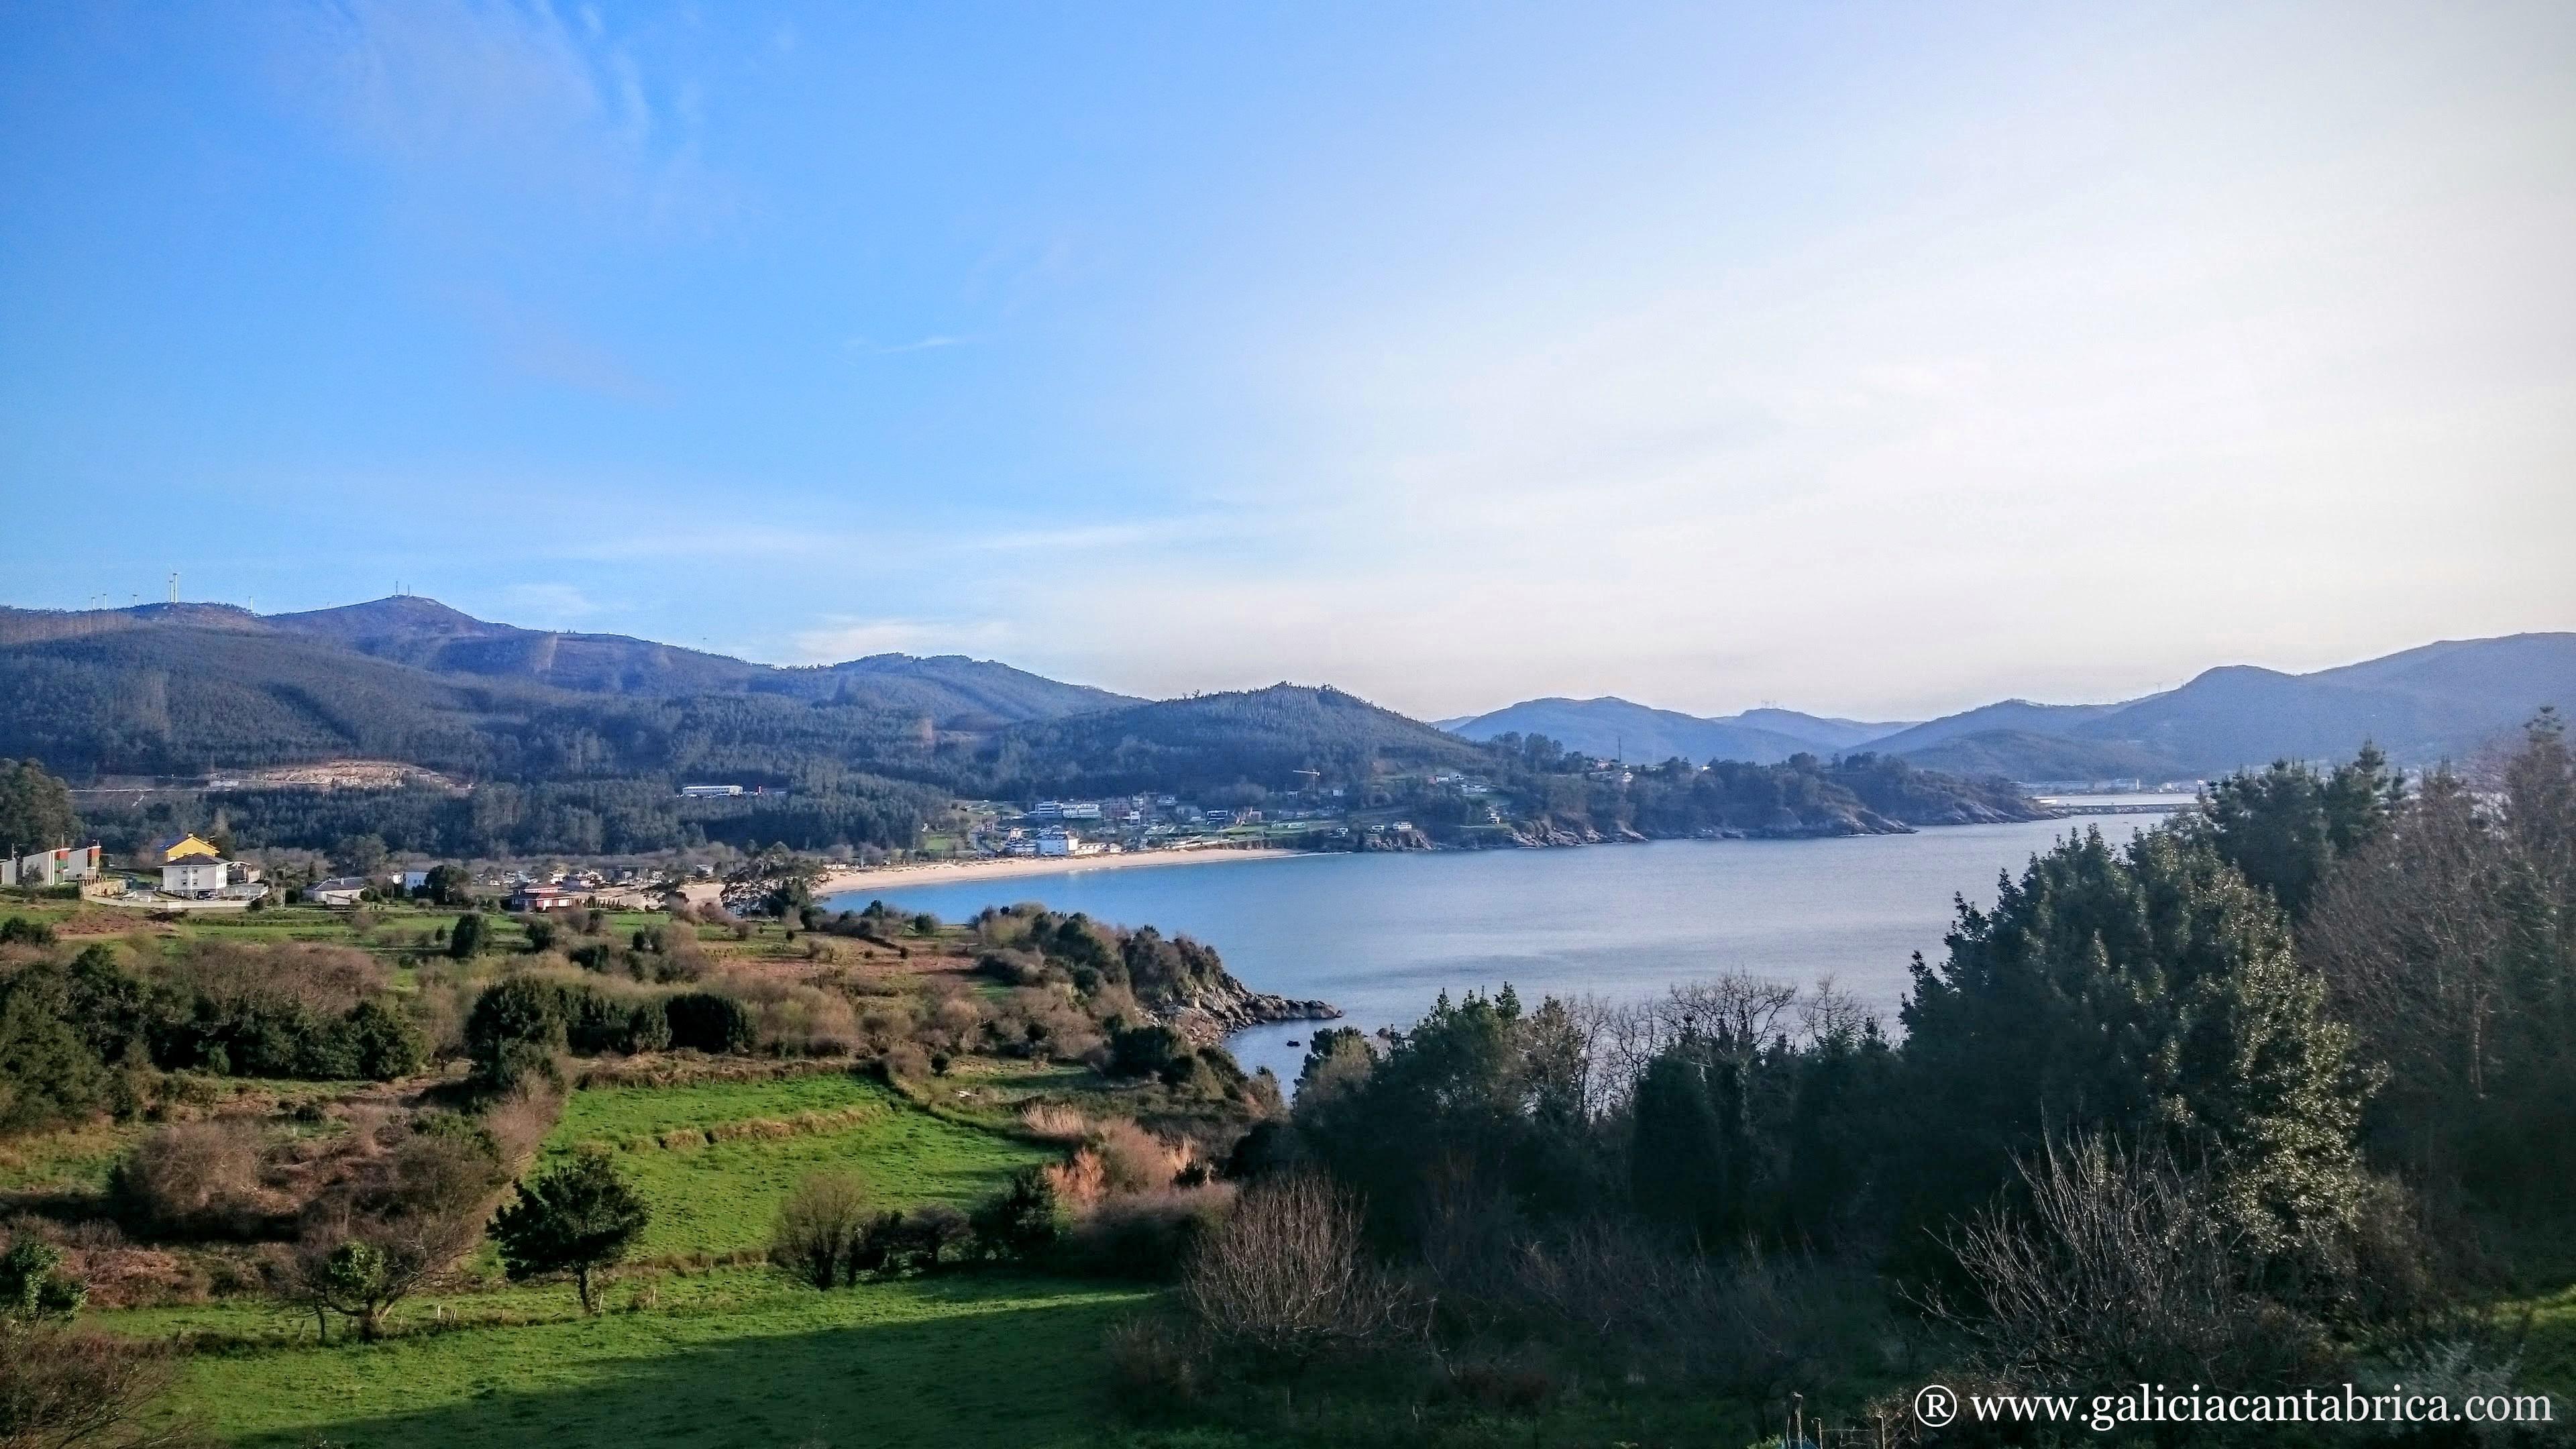 Viveiro Galicia Cantabrica